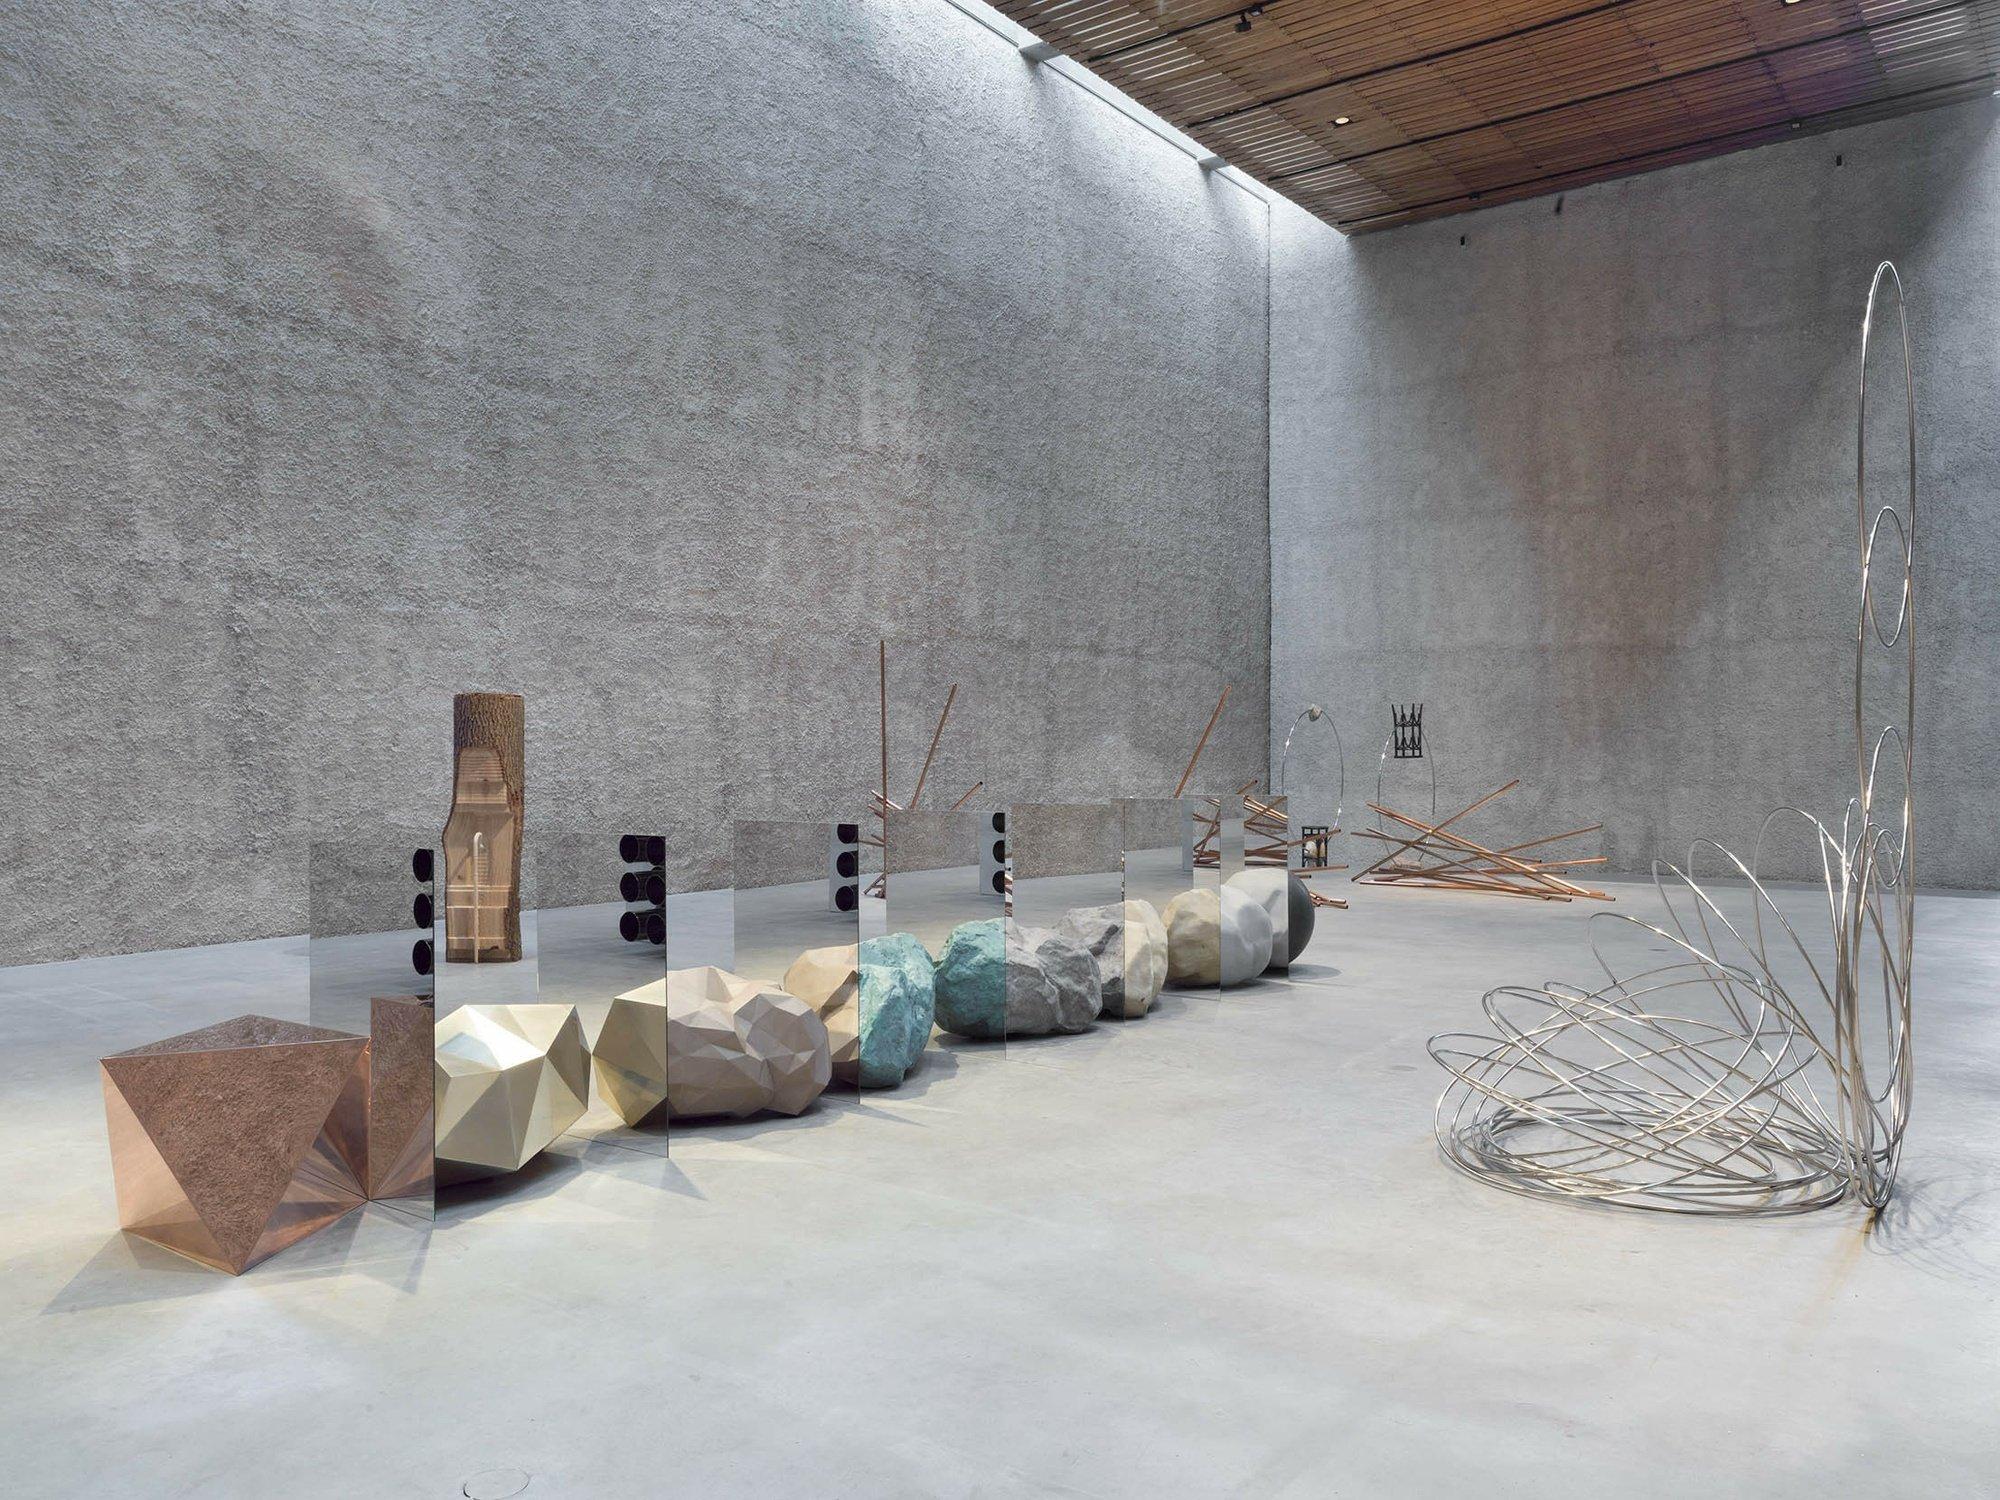 Konig Galerie